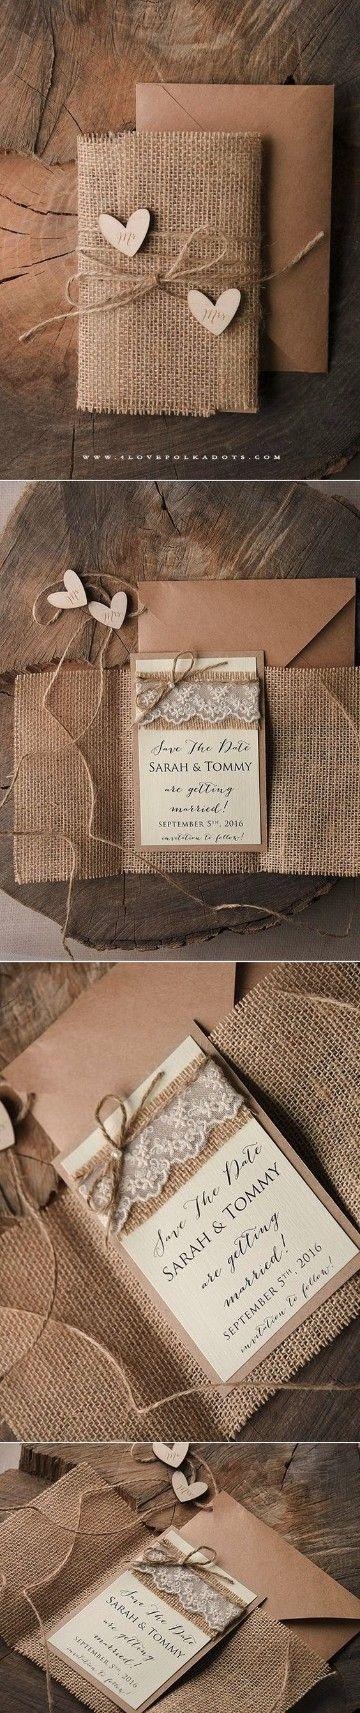 tarjetas de invitacion para casamiento rusticas